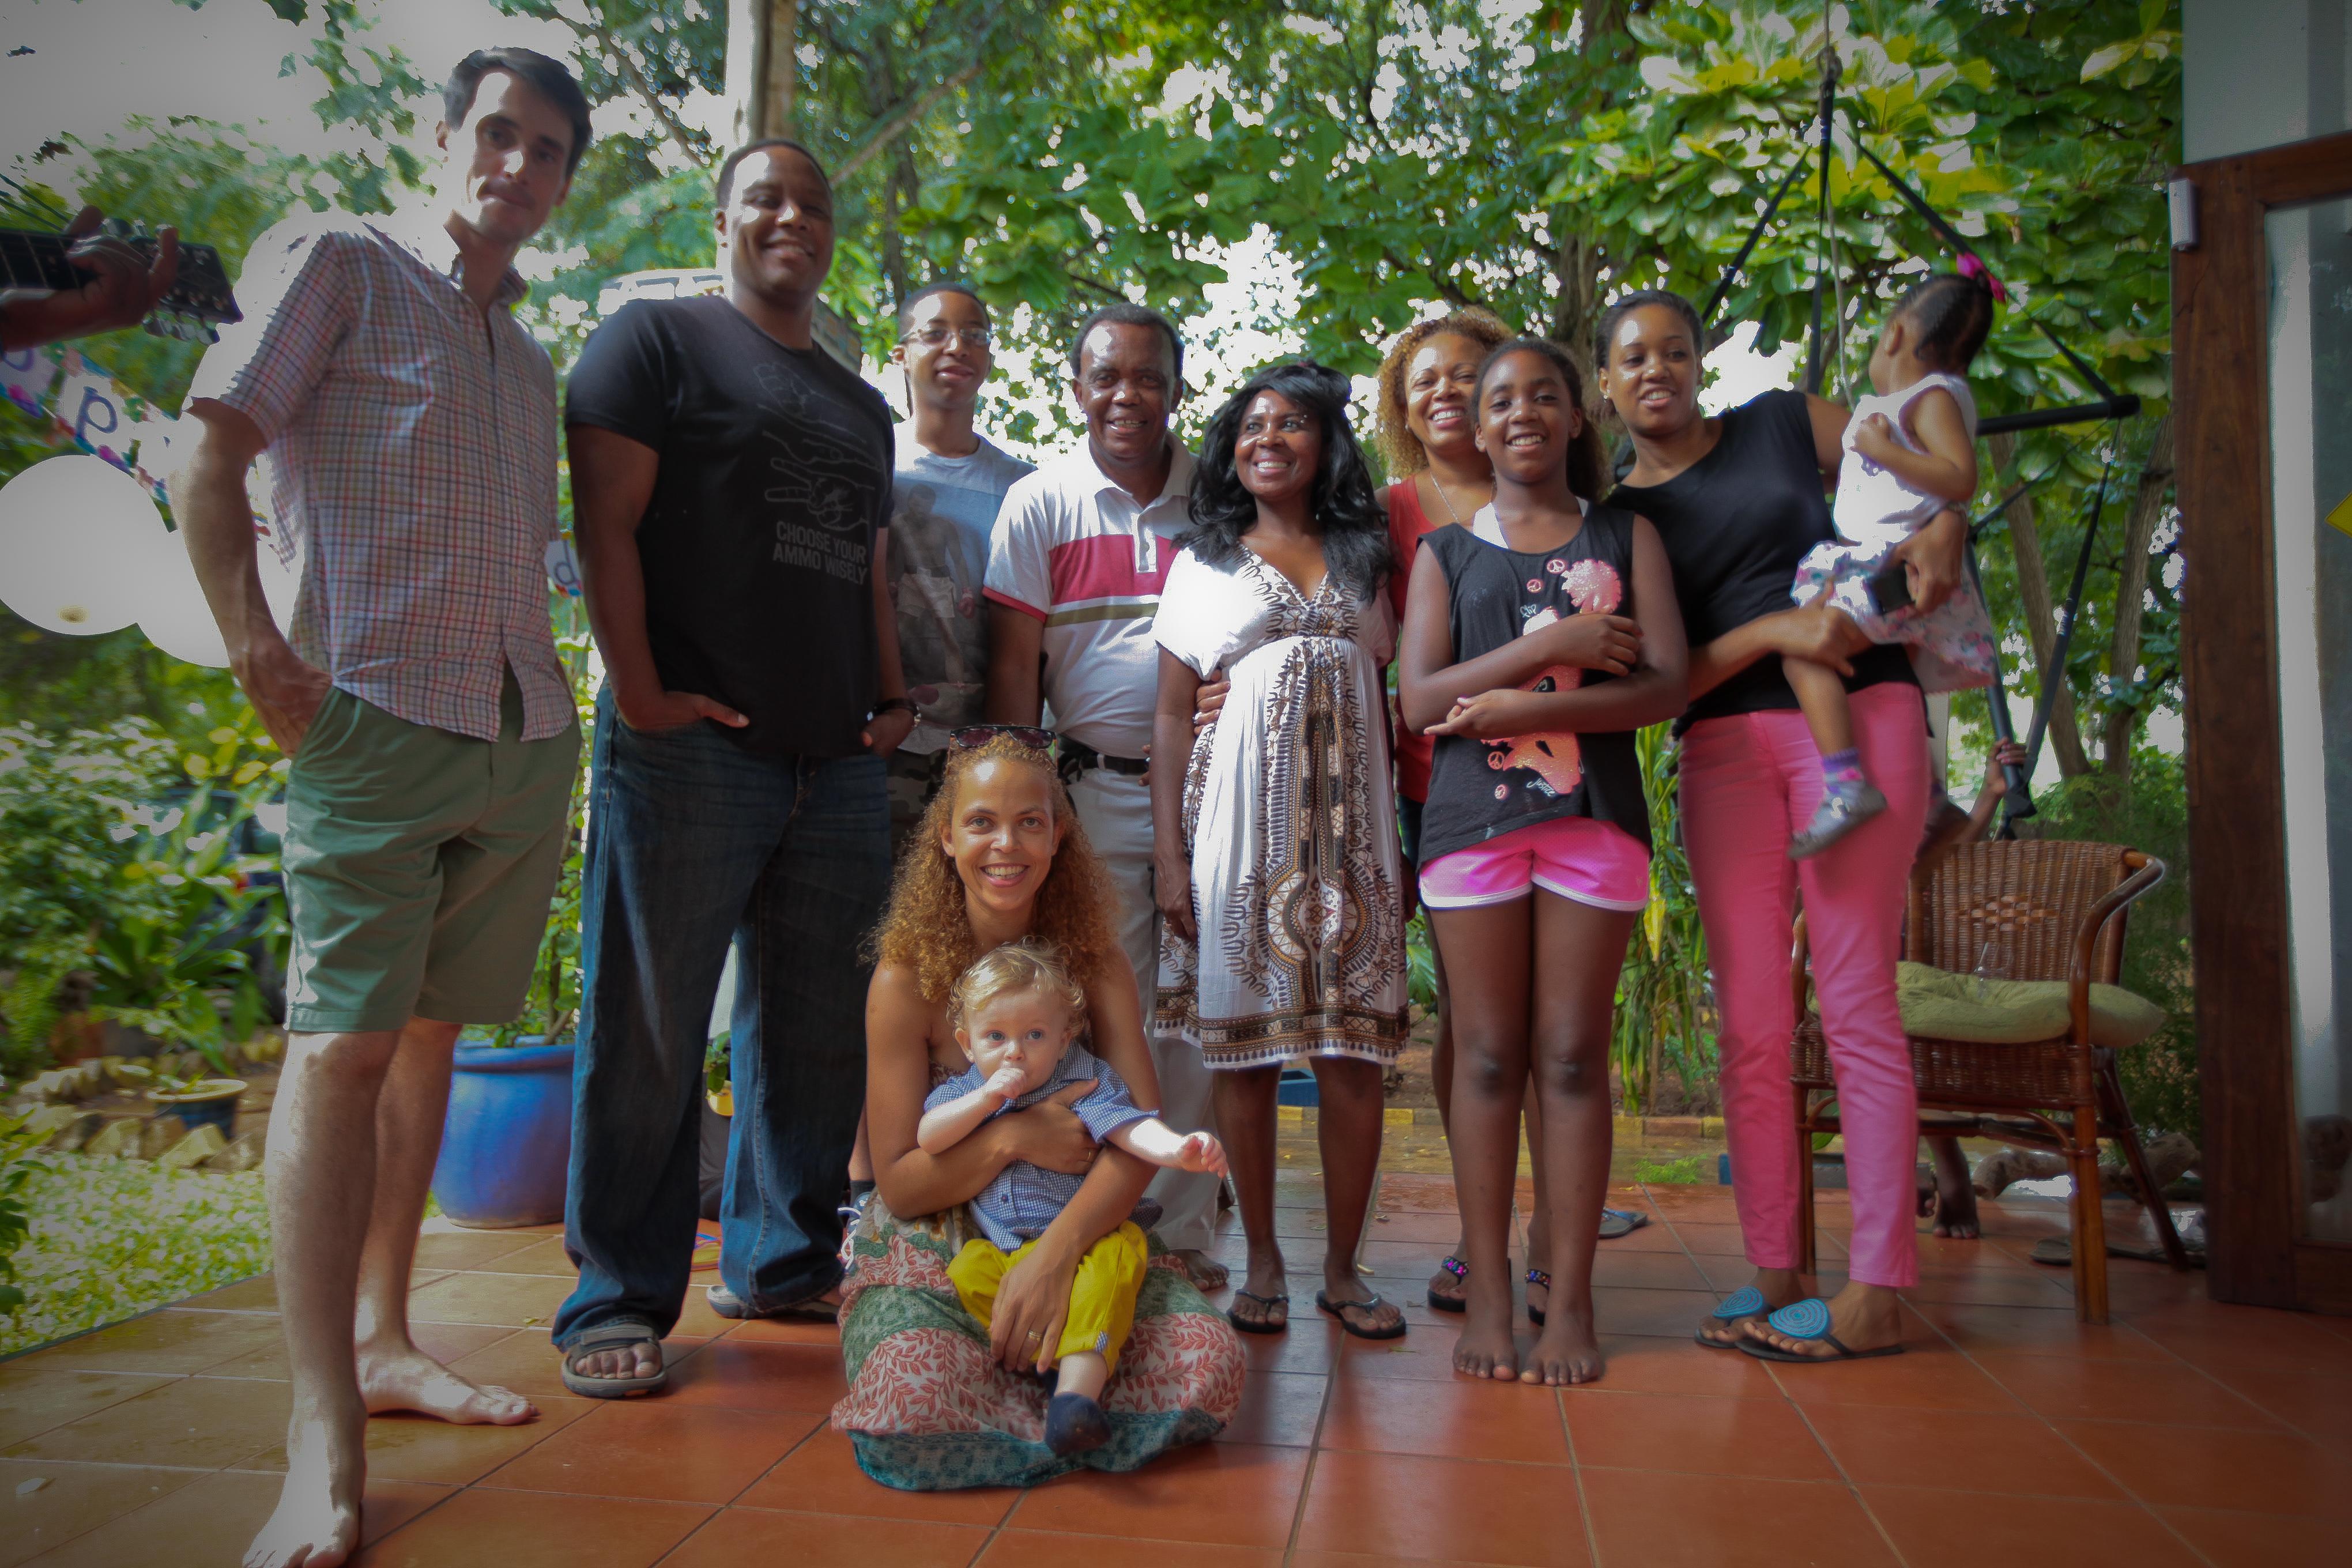 erstergeburtstag_familie